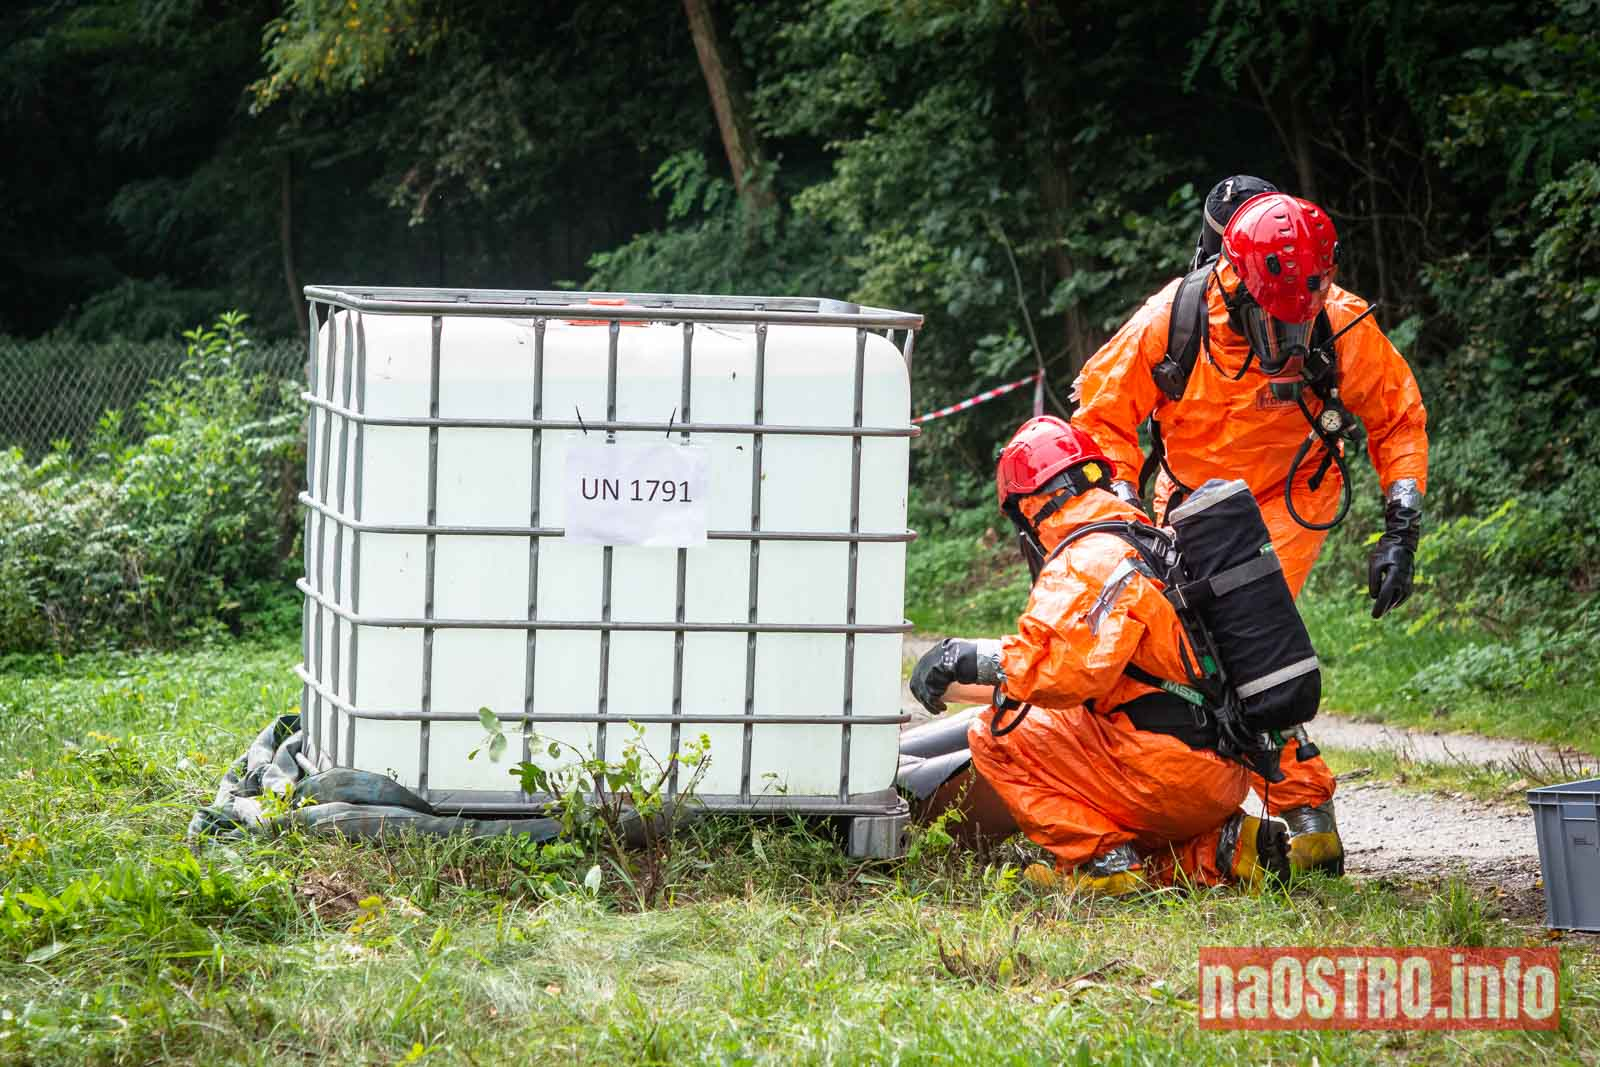 NaOSTROinfo Ćwiczenia Straży Pożarnej-58